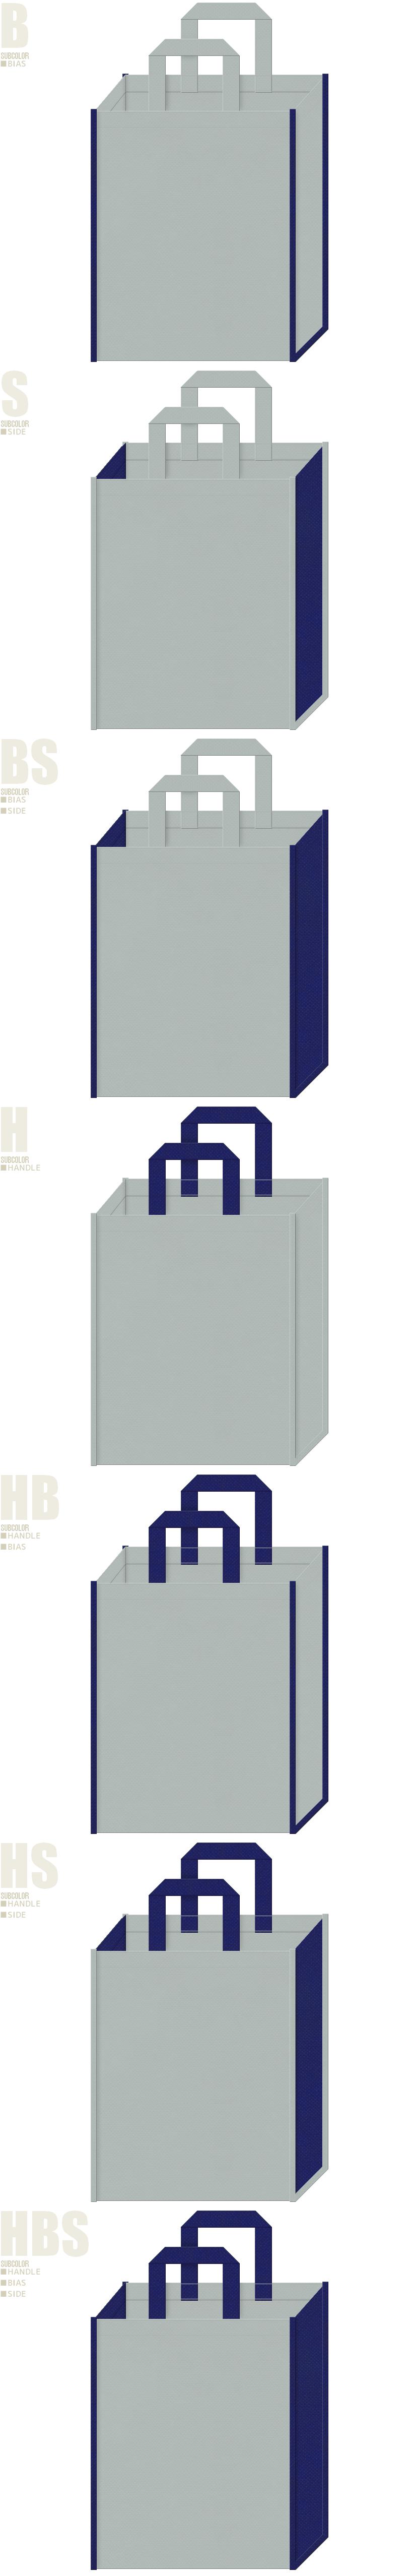 グレー色と明るい紺色-7パターンの不織布トートバッグ配色デザイン例